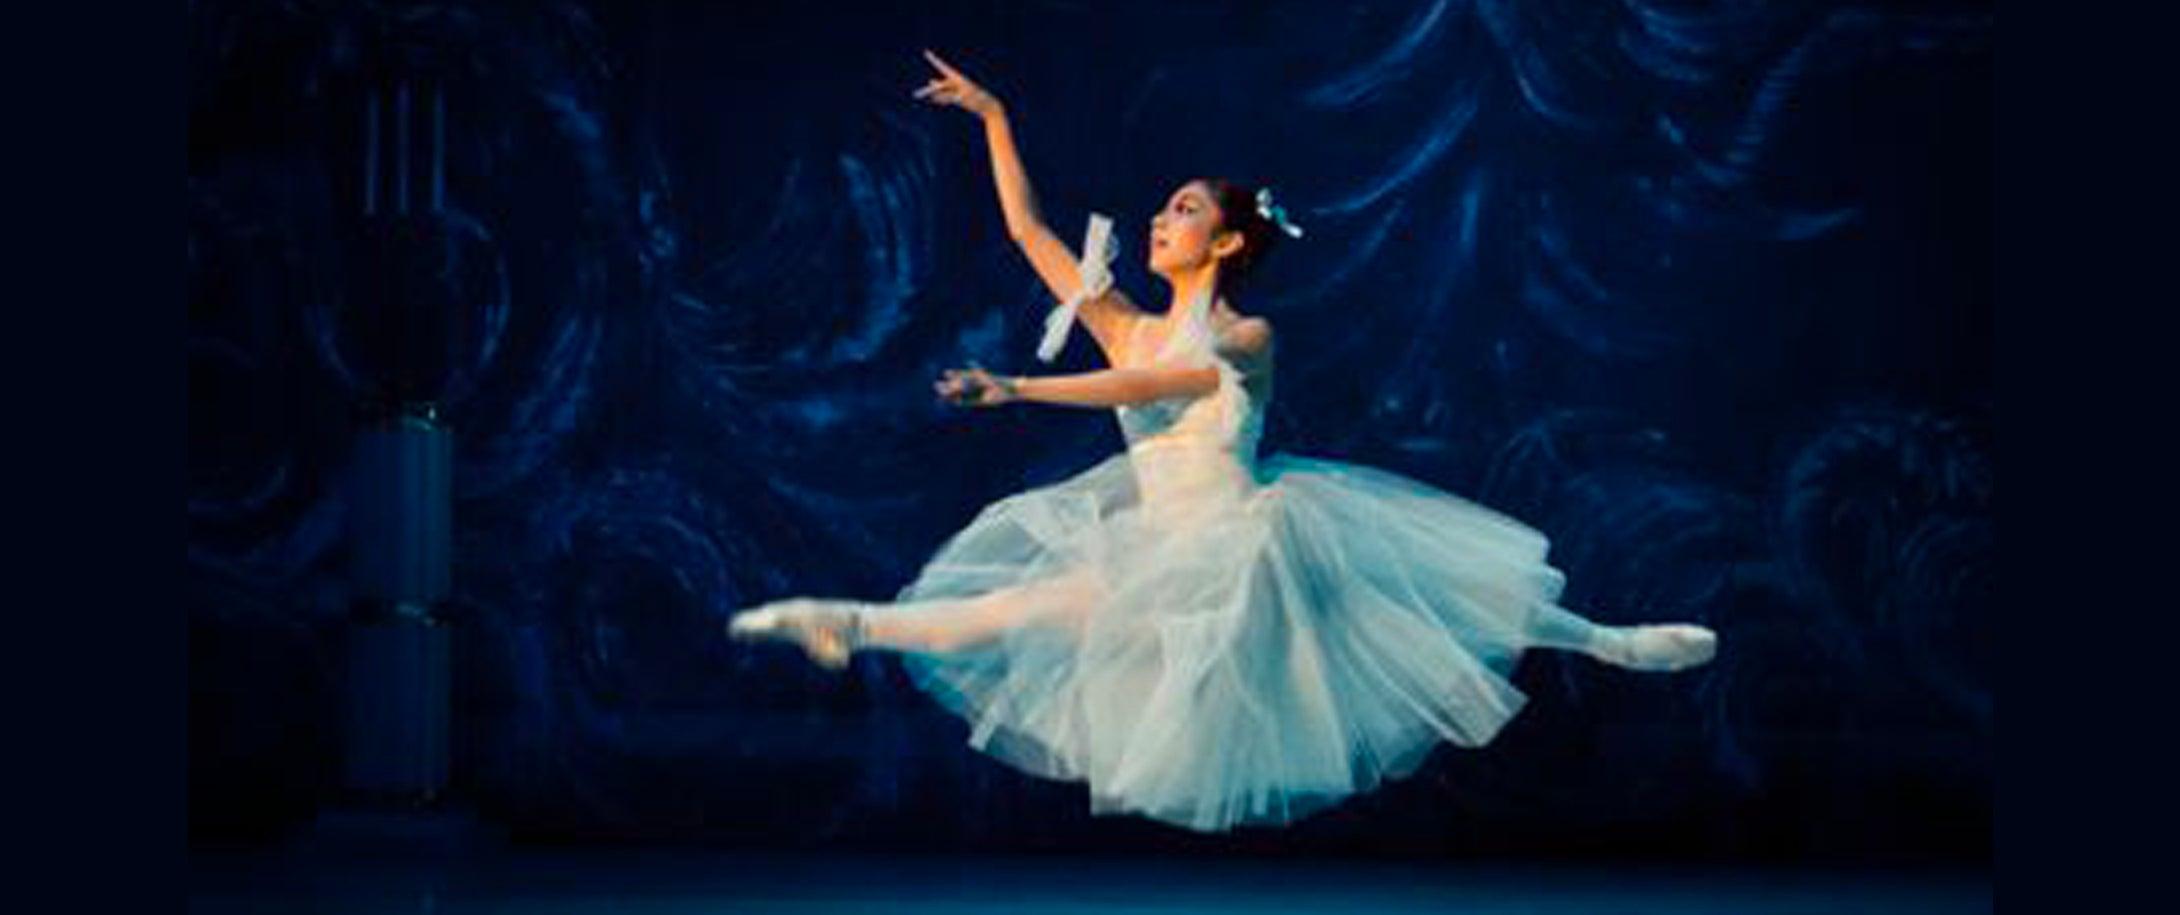 Sleeping Beauty & Cinderella